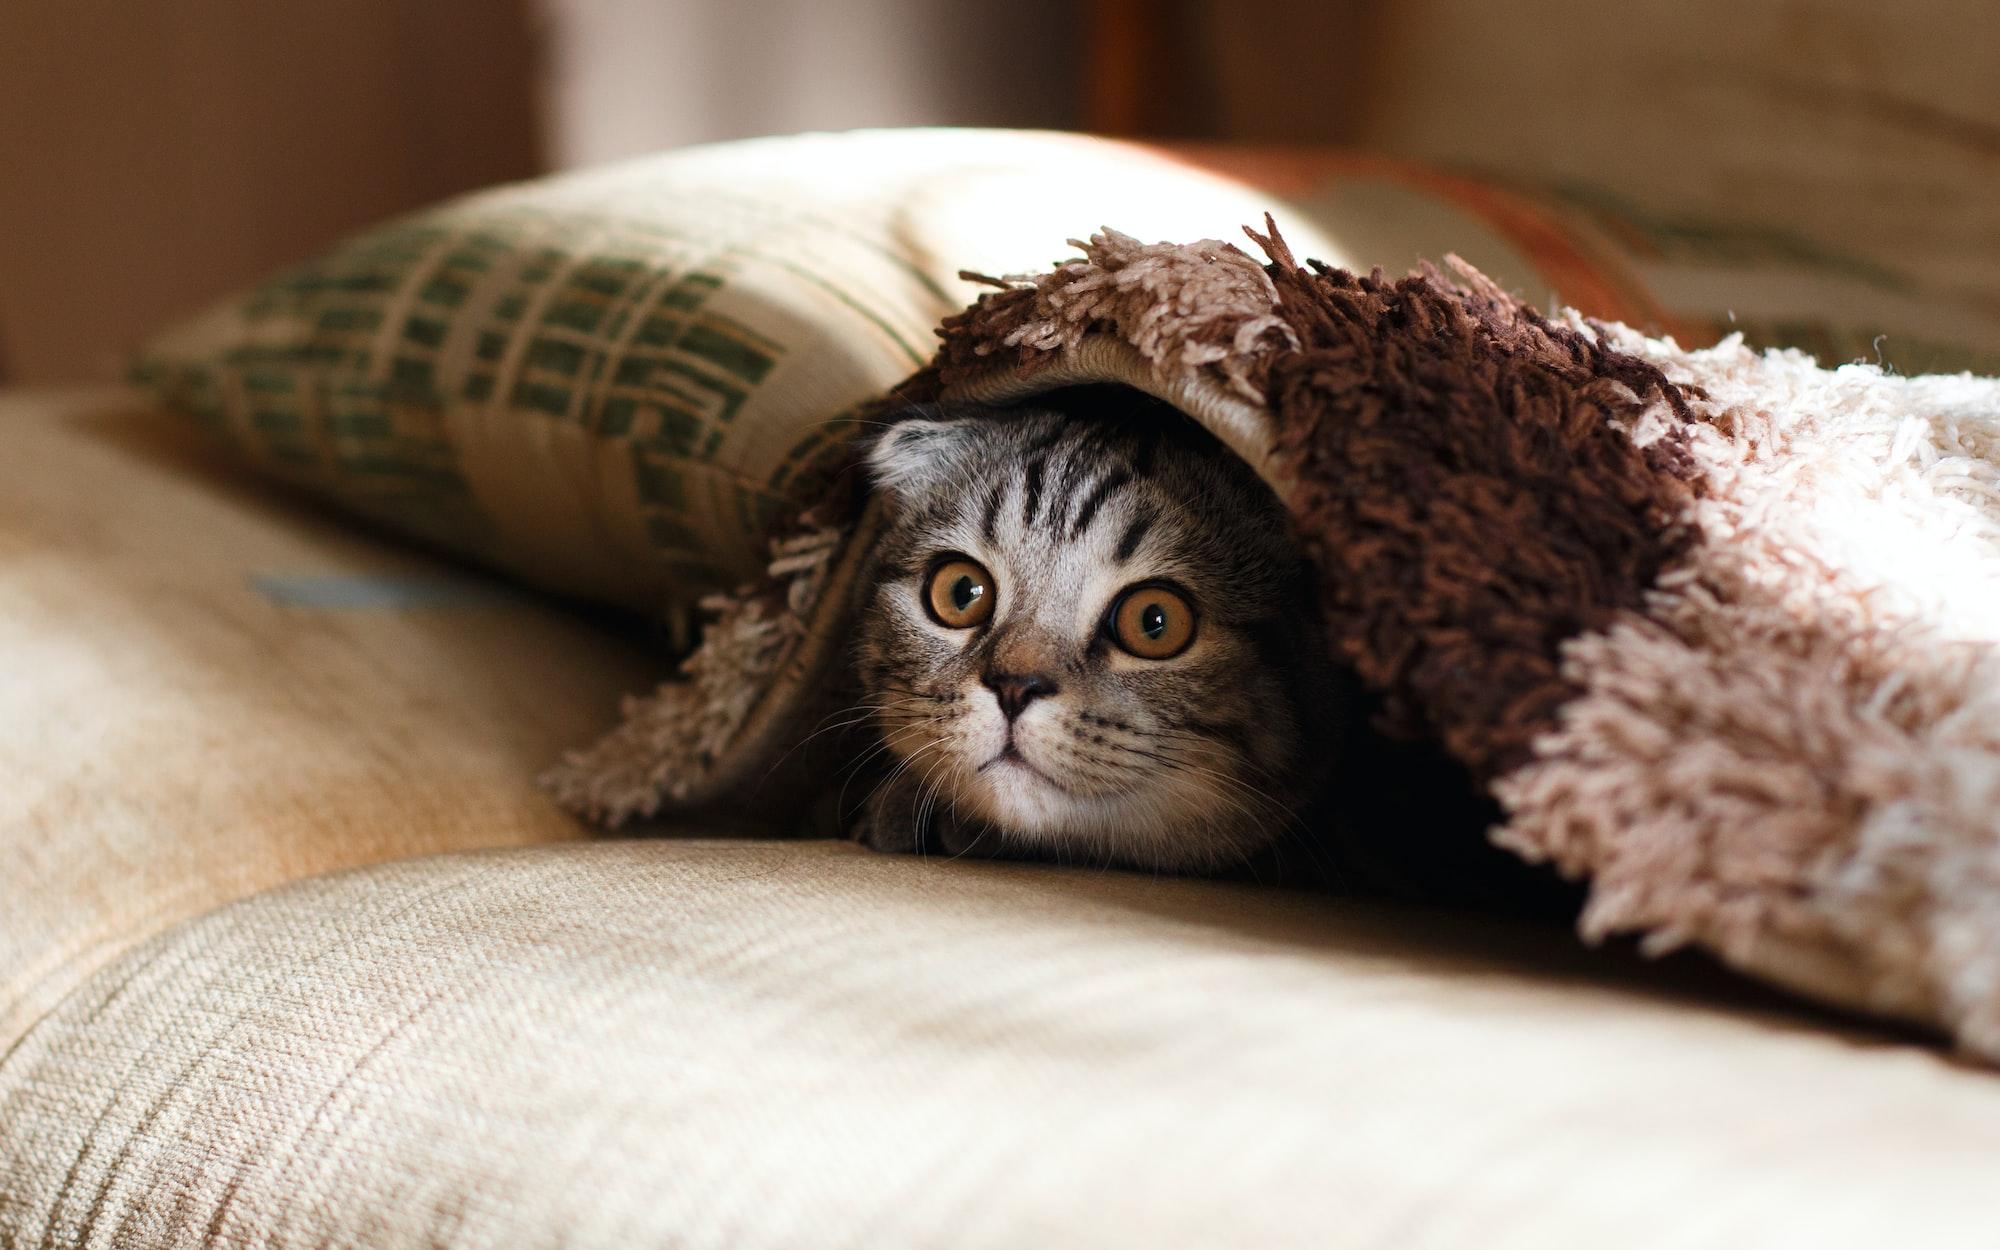 #4 时尚足迹,毕业舞会,棉花糖实验与怕黄瓜的猫